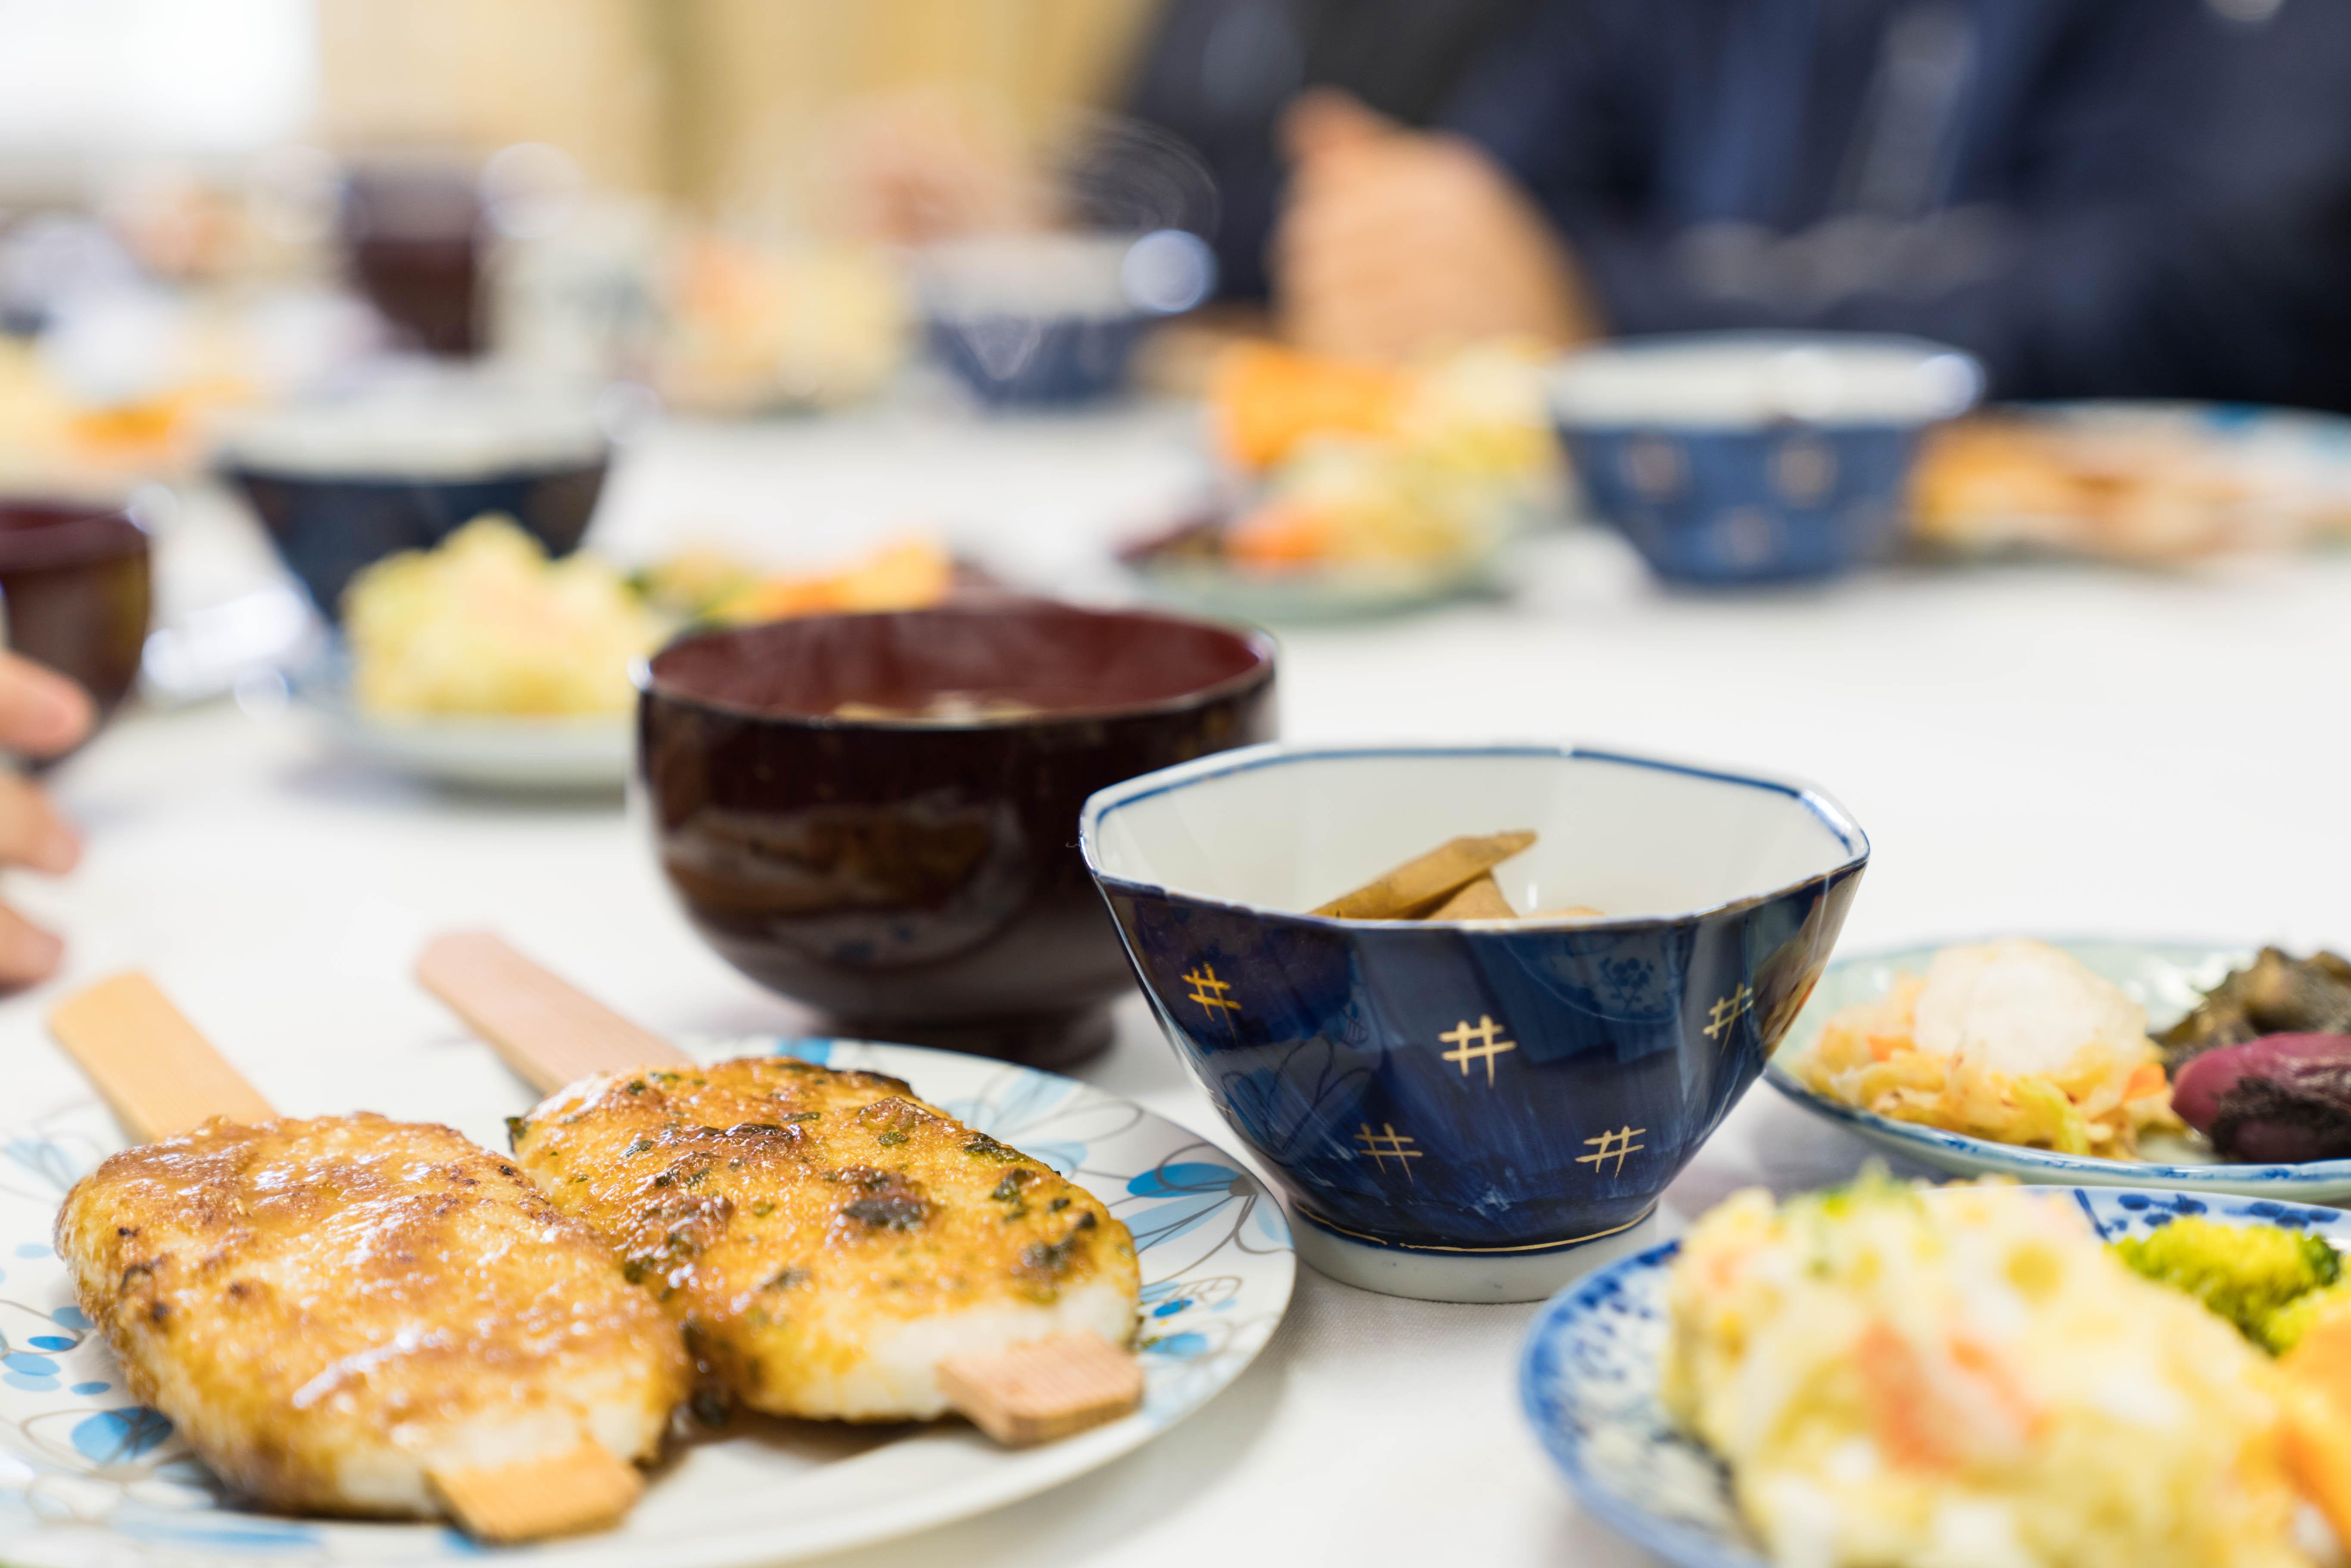 お昼ご飯にいただいた、根羽村の五平餅。根羽村の農家の女性でつくる農事組合法人「杉っ子」が、旧保育所の調理場を拠点に店舗を開店。「杉っ子」の会員は約15人で、平均年齢はなんと70歳なのだとか。